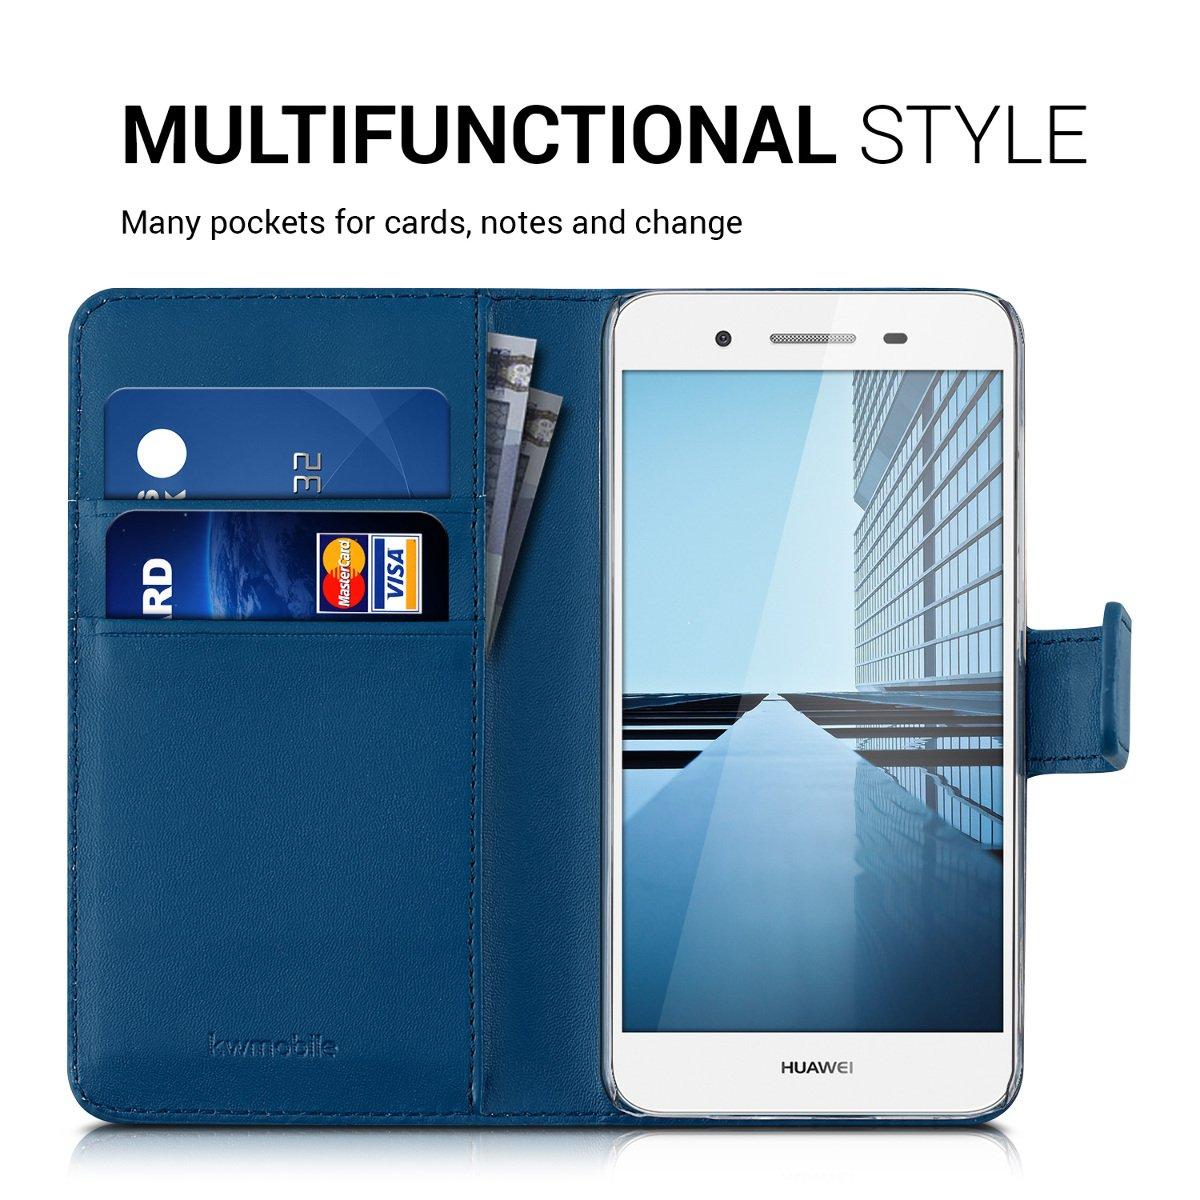 kwmobile Funda para Huawei GR3 / P8 Lite Smart - Carcasa de Cuero sintético - Case con Tapa y Tarjetero en Azul